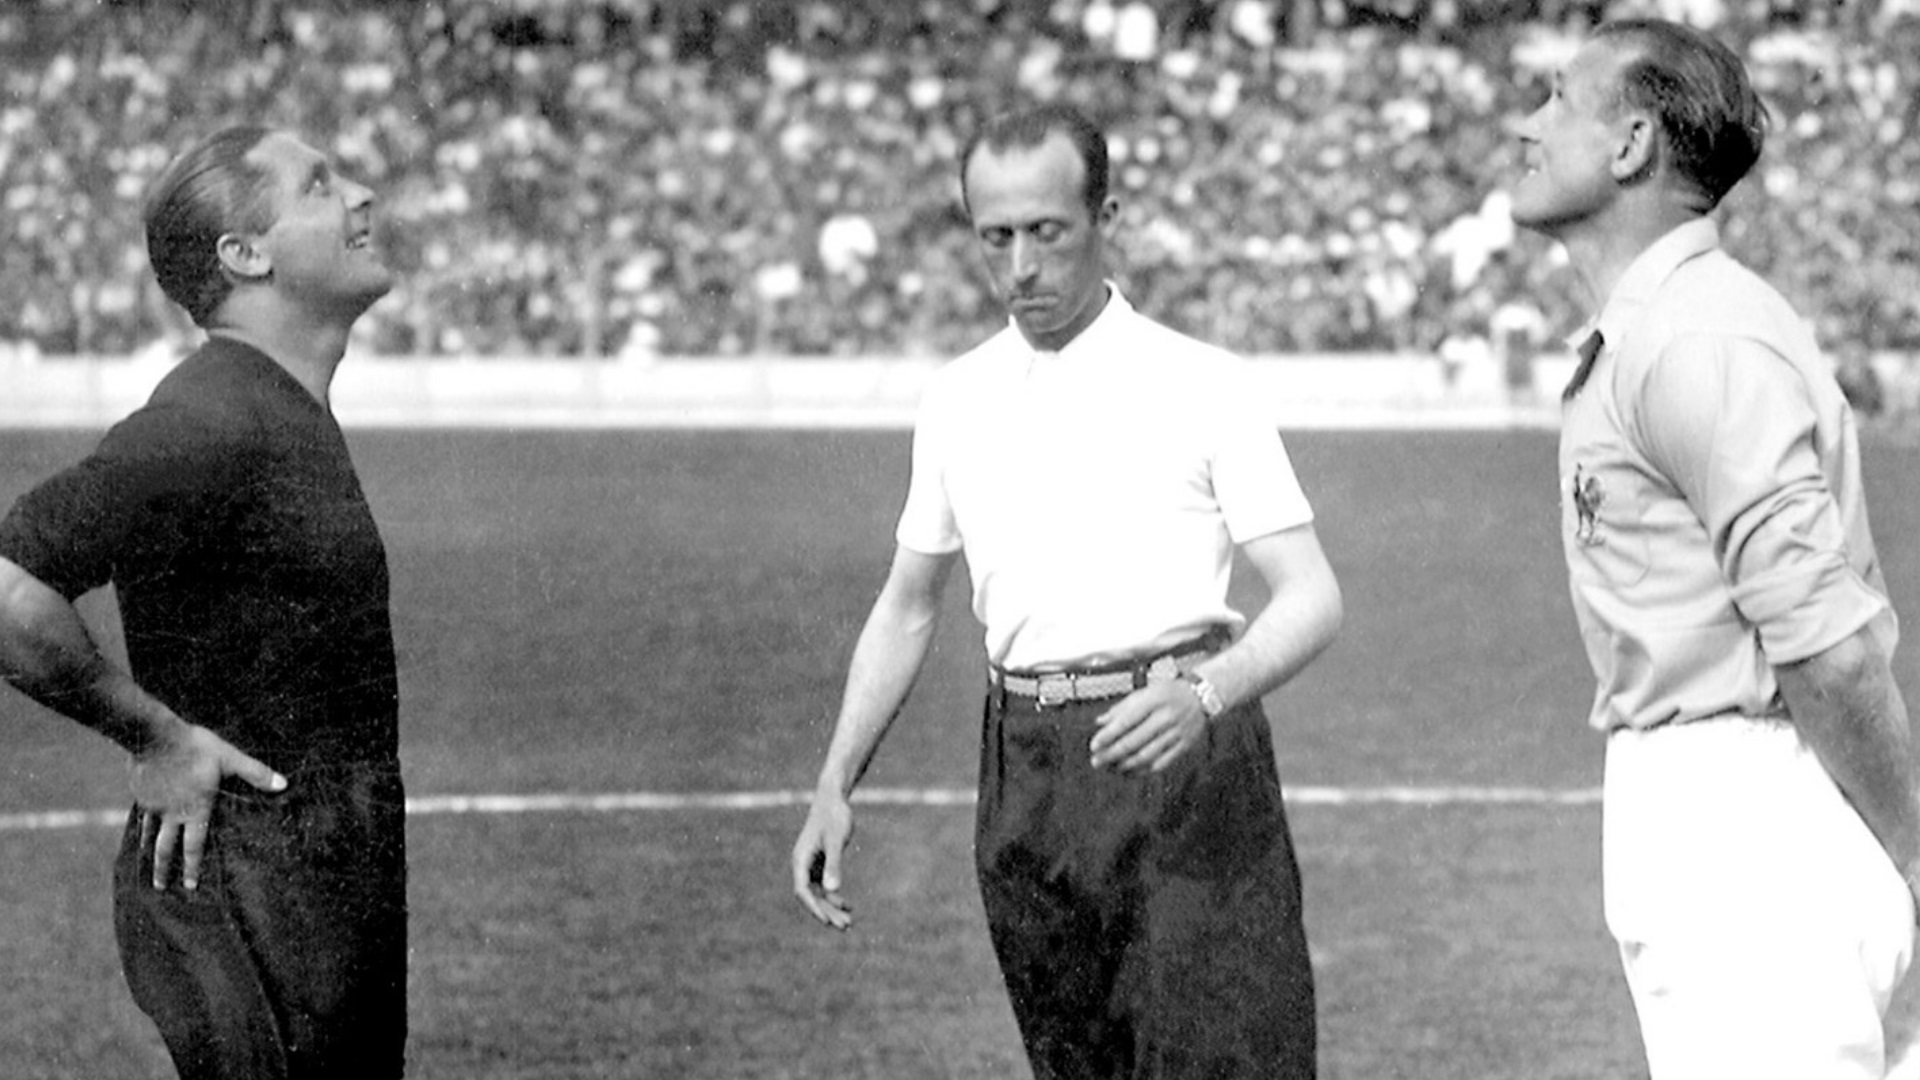 Itália França Copa do Mundo 1938 08 11 2017